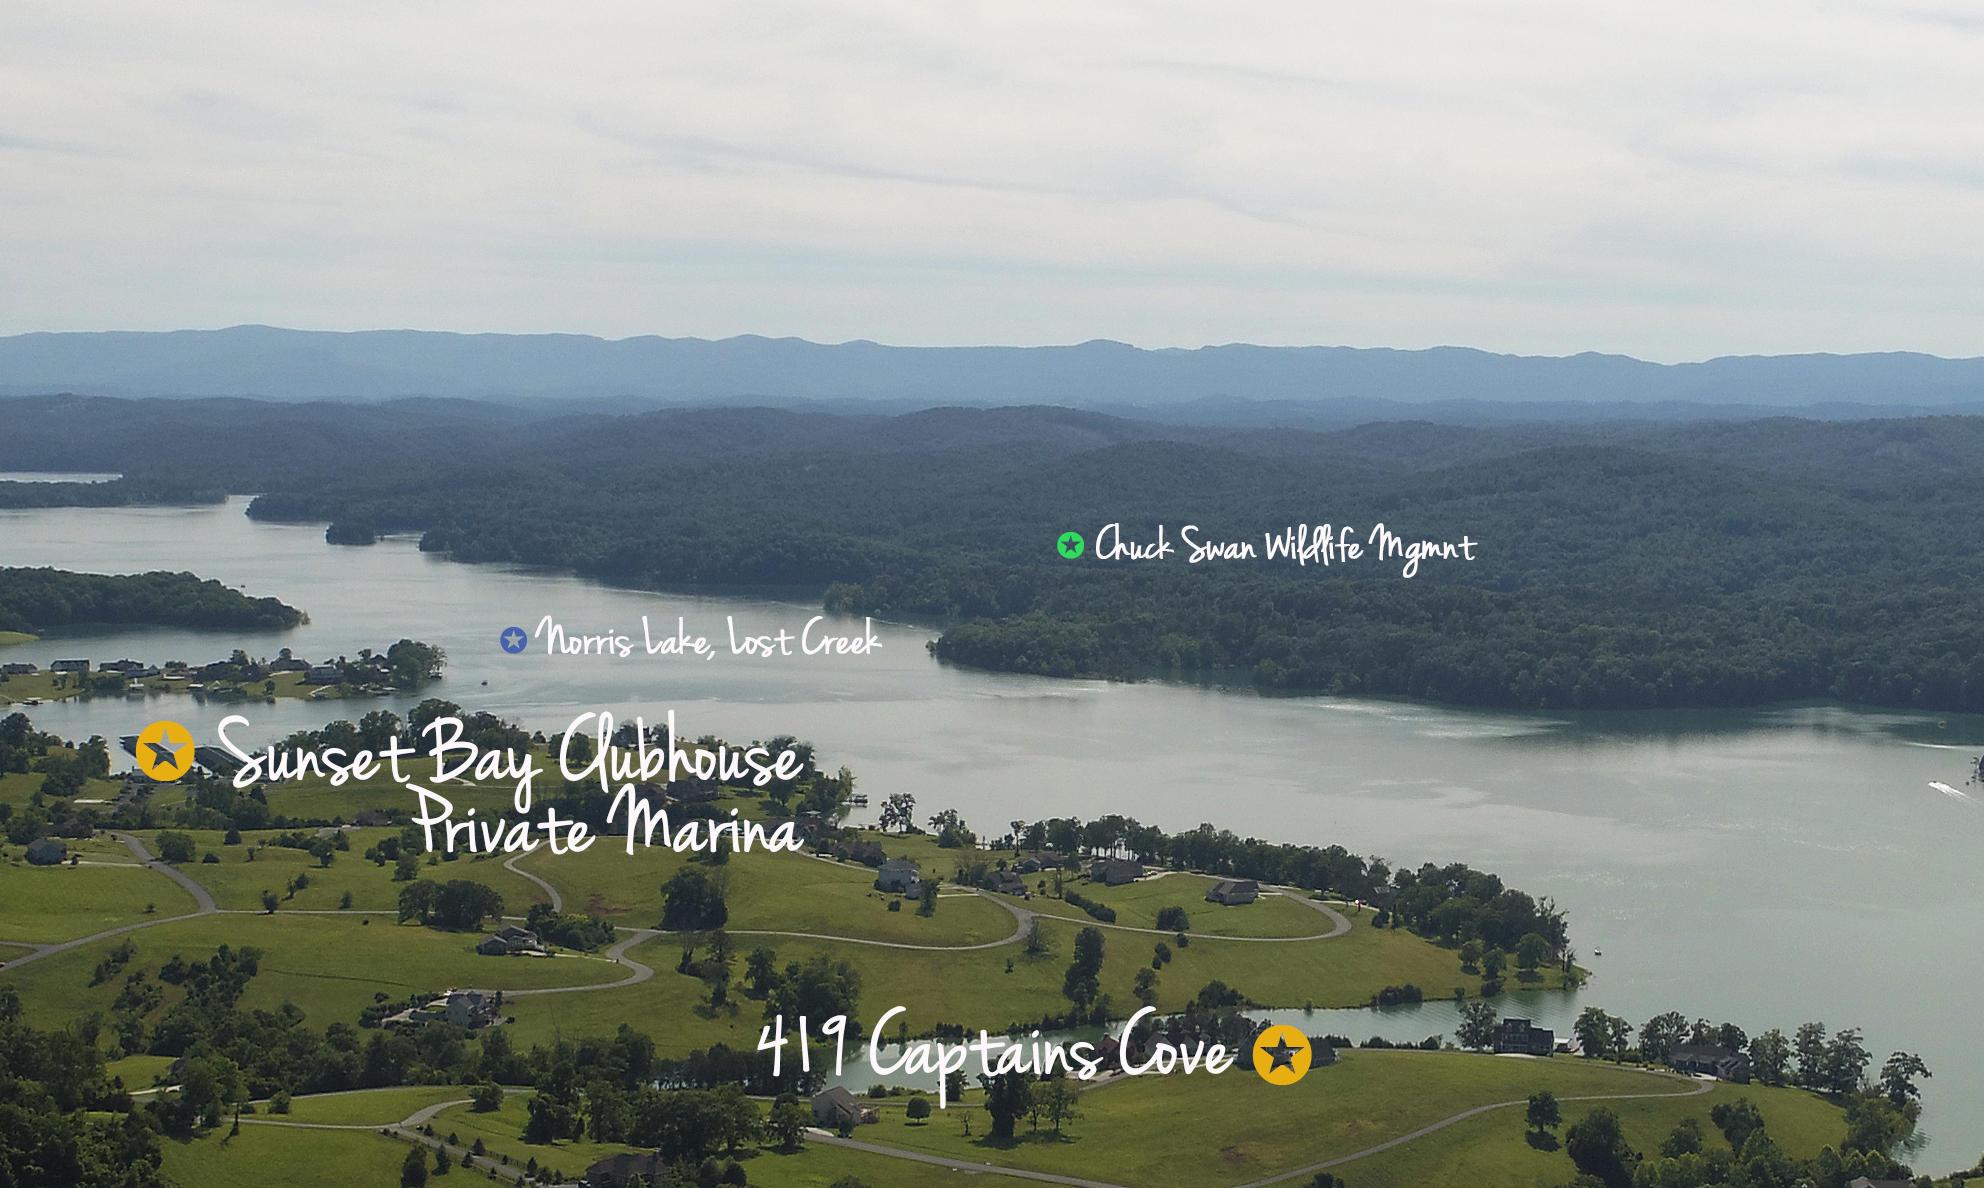 419 Captains Cove: